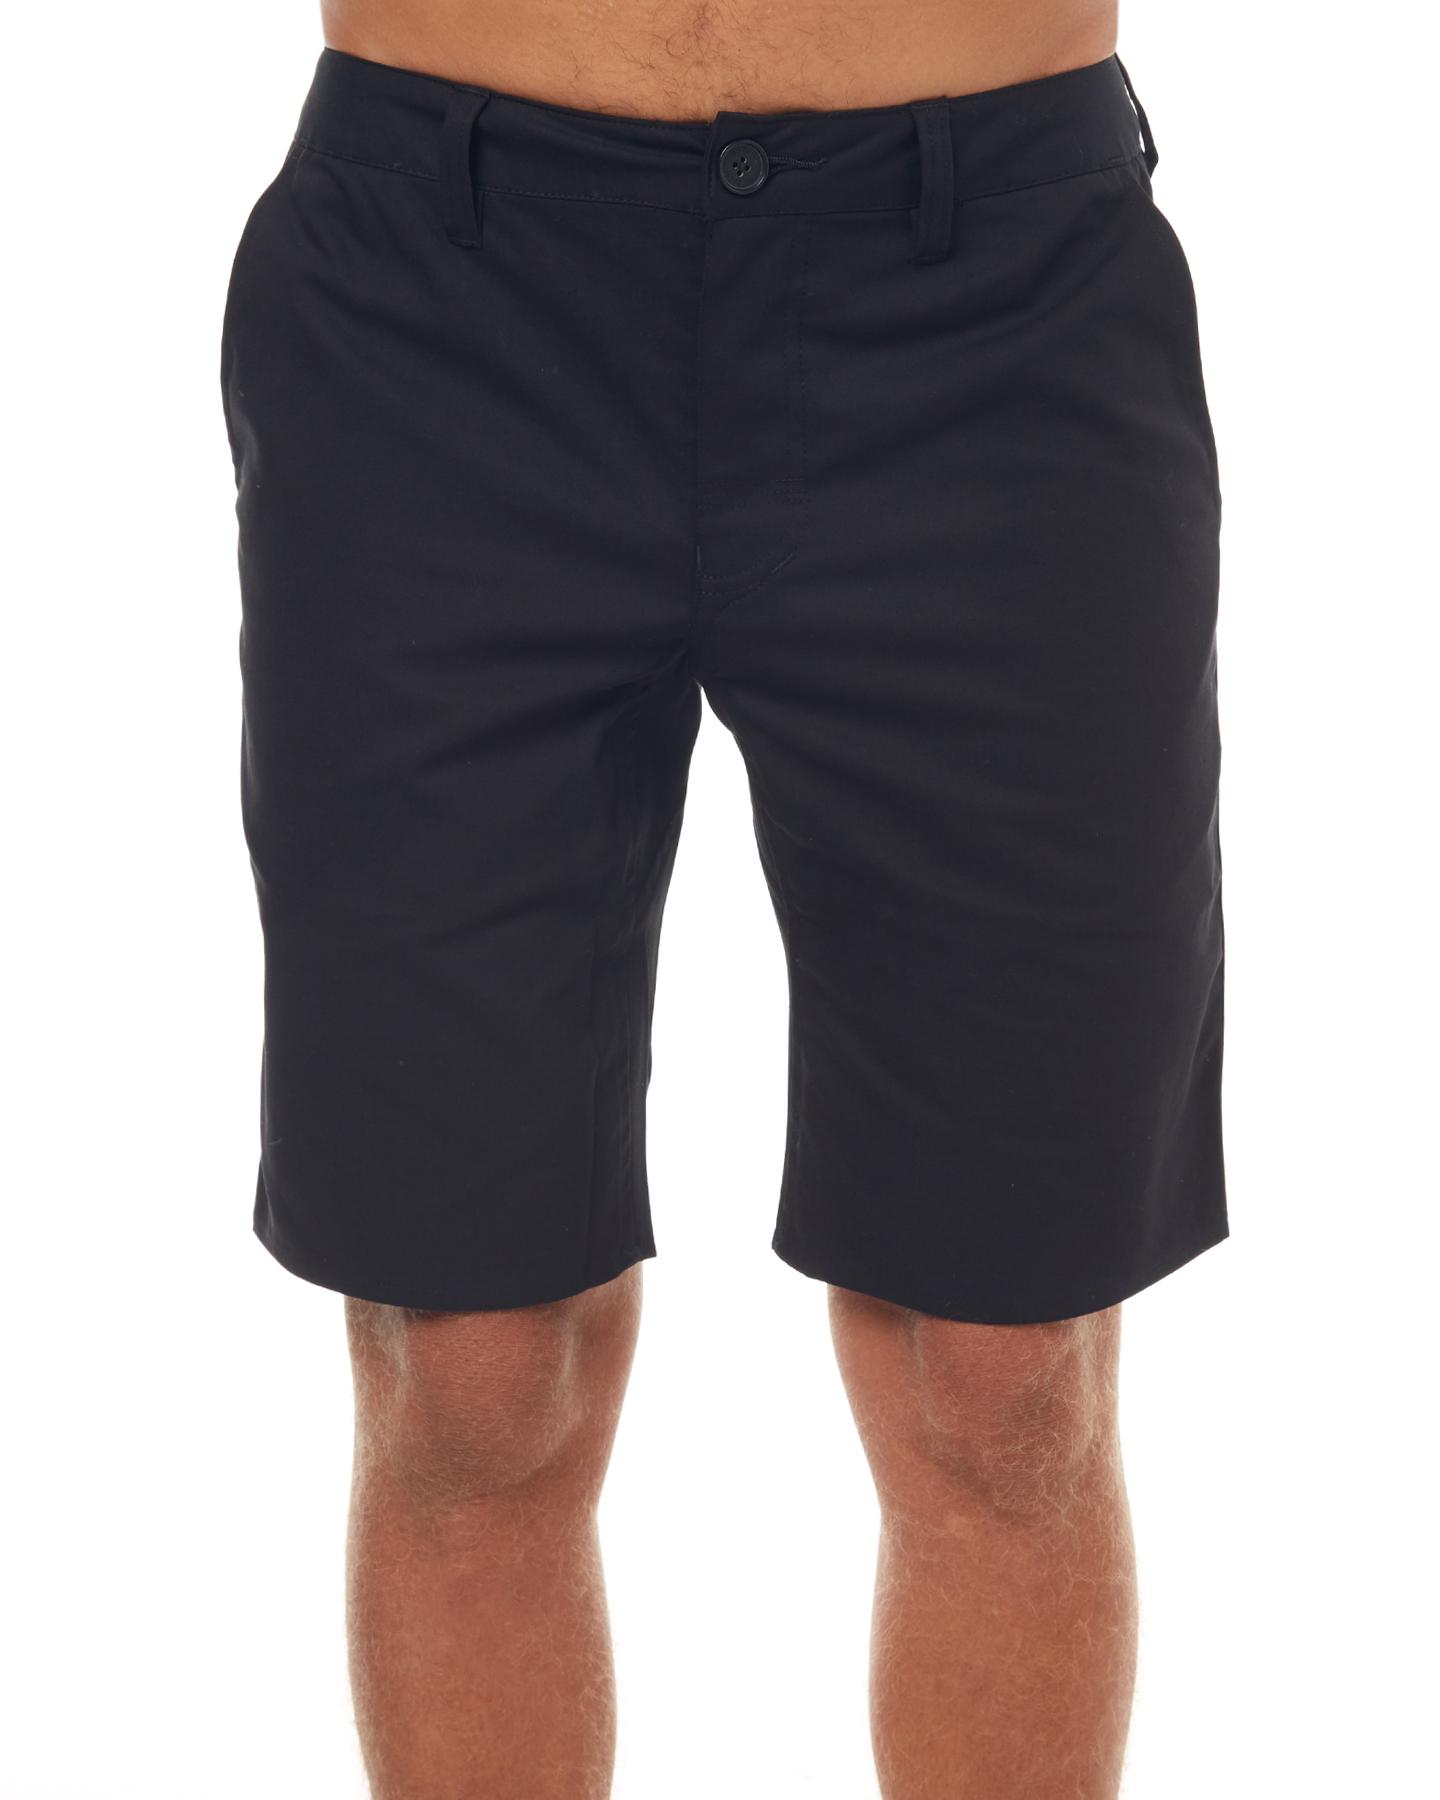 adidas Originals Chino Shorts - Black